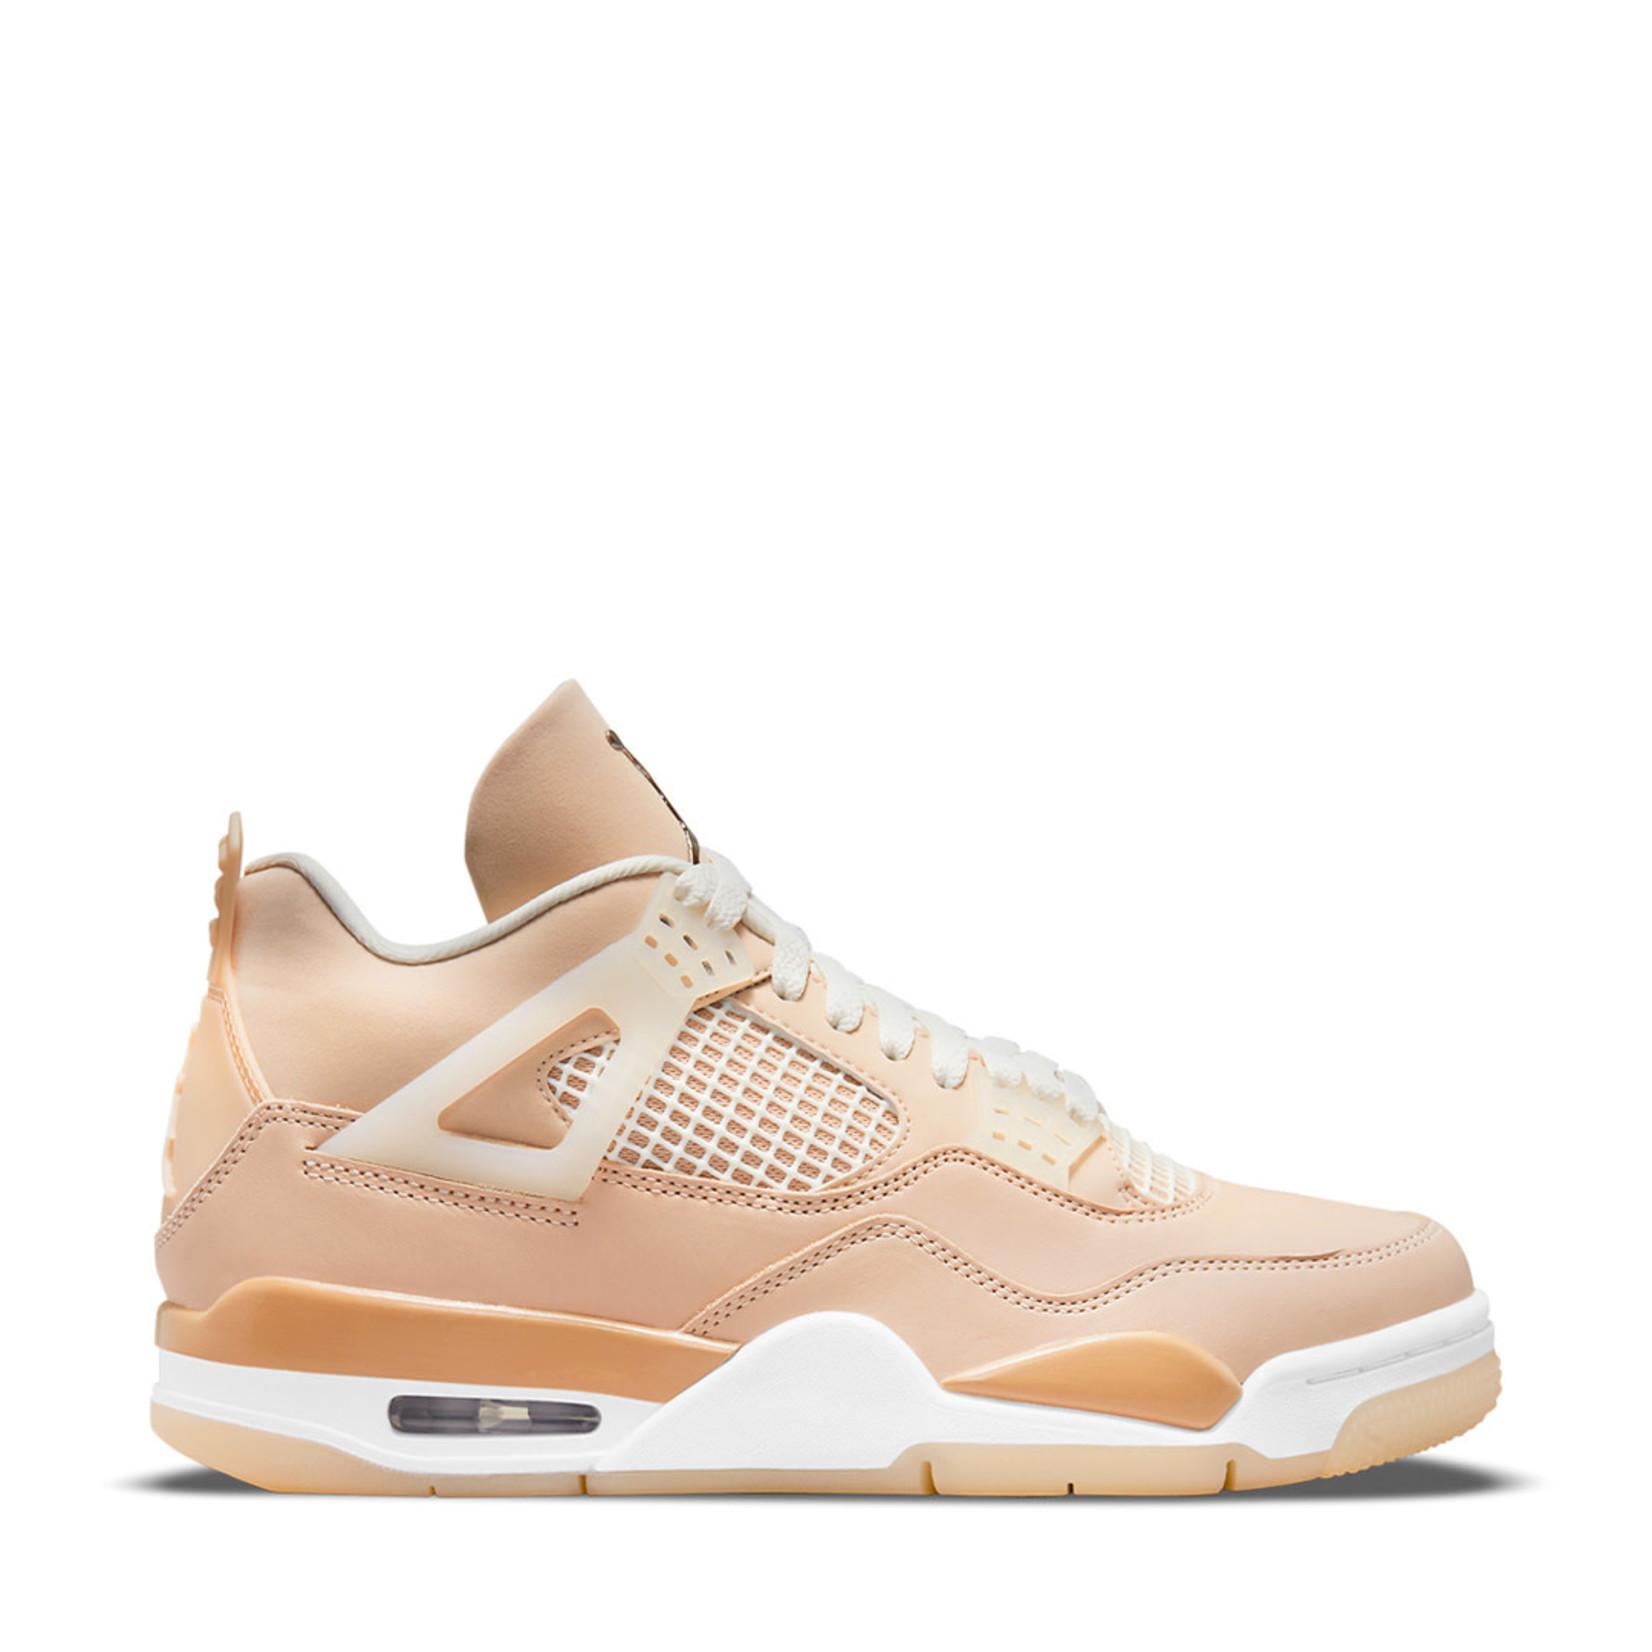 Jordan Jordan 4 Retro Shimmer (W) (C)